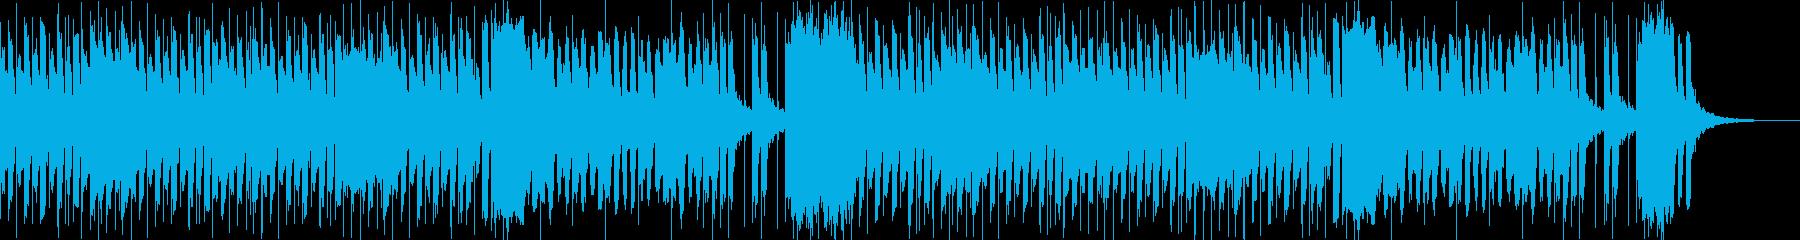 コミカル かわいい 2の再生済みの波形